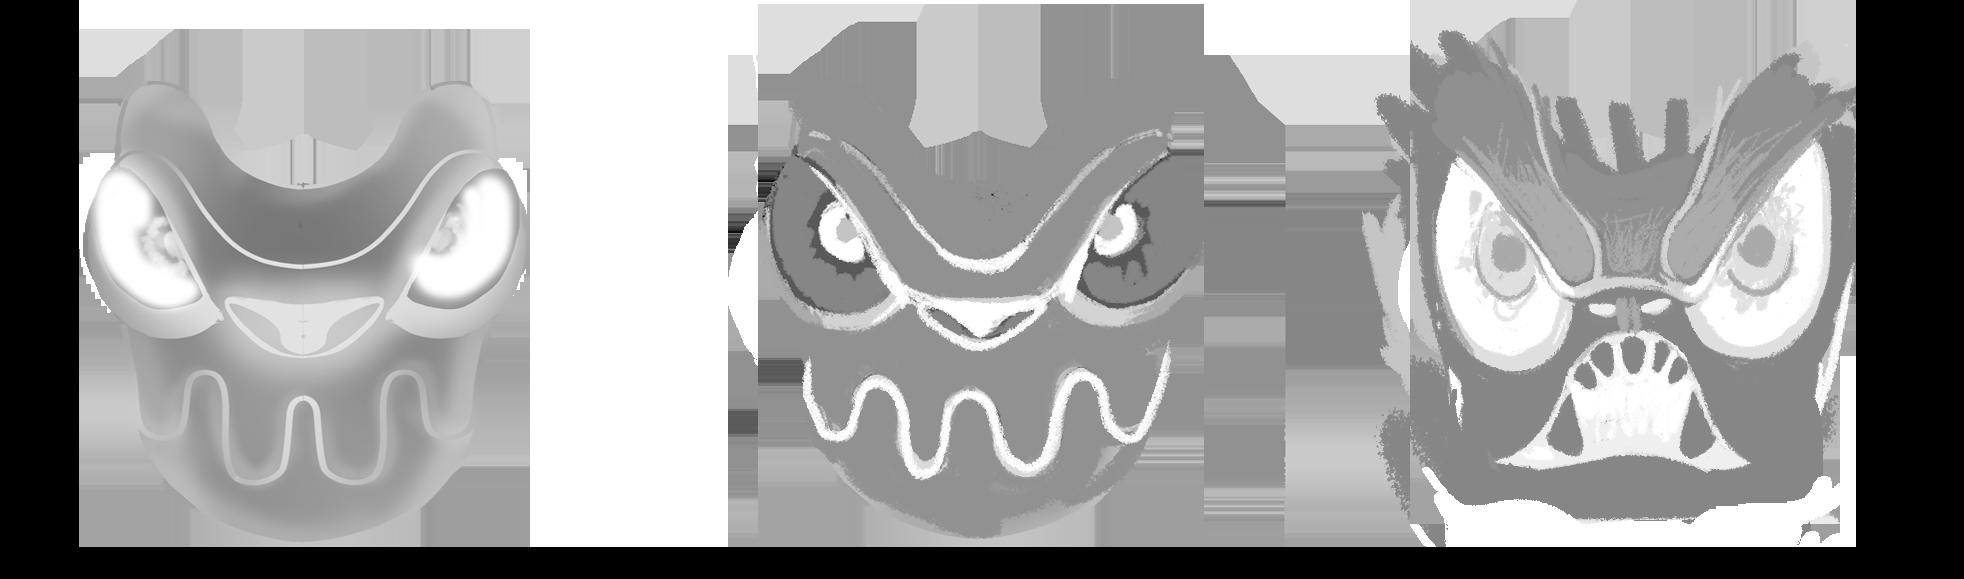 mask design.png